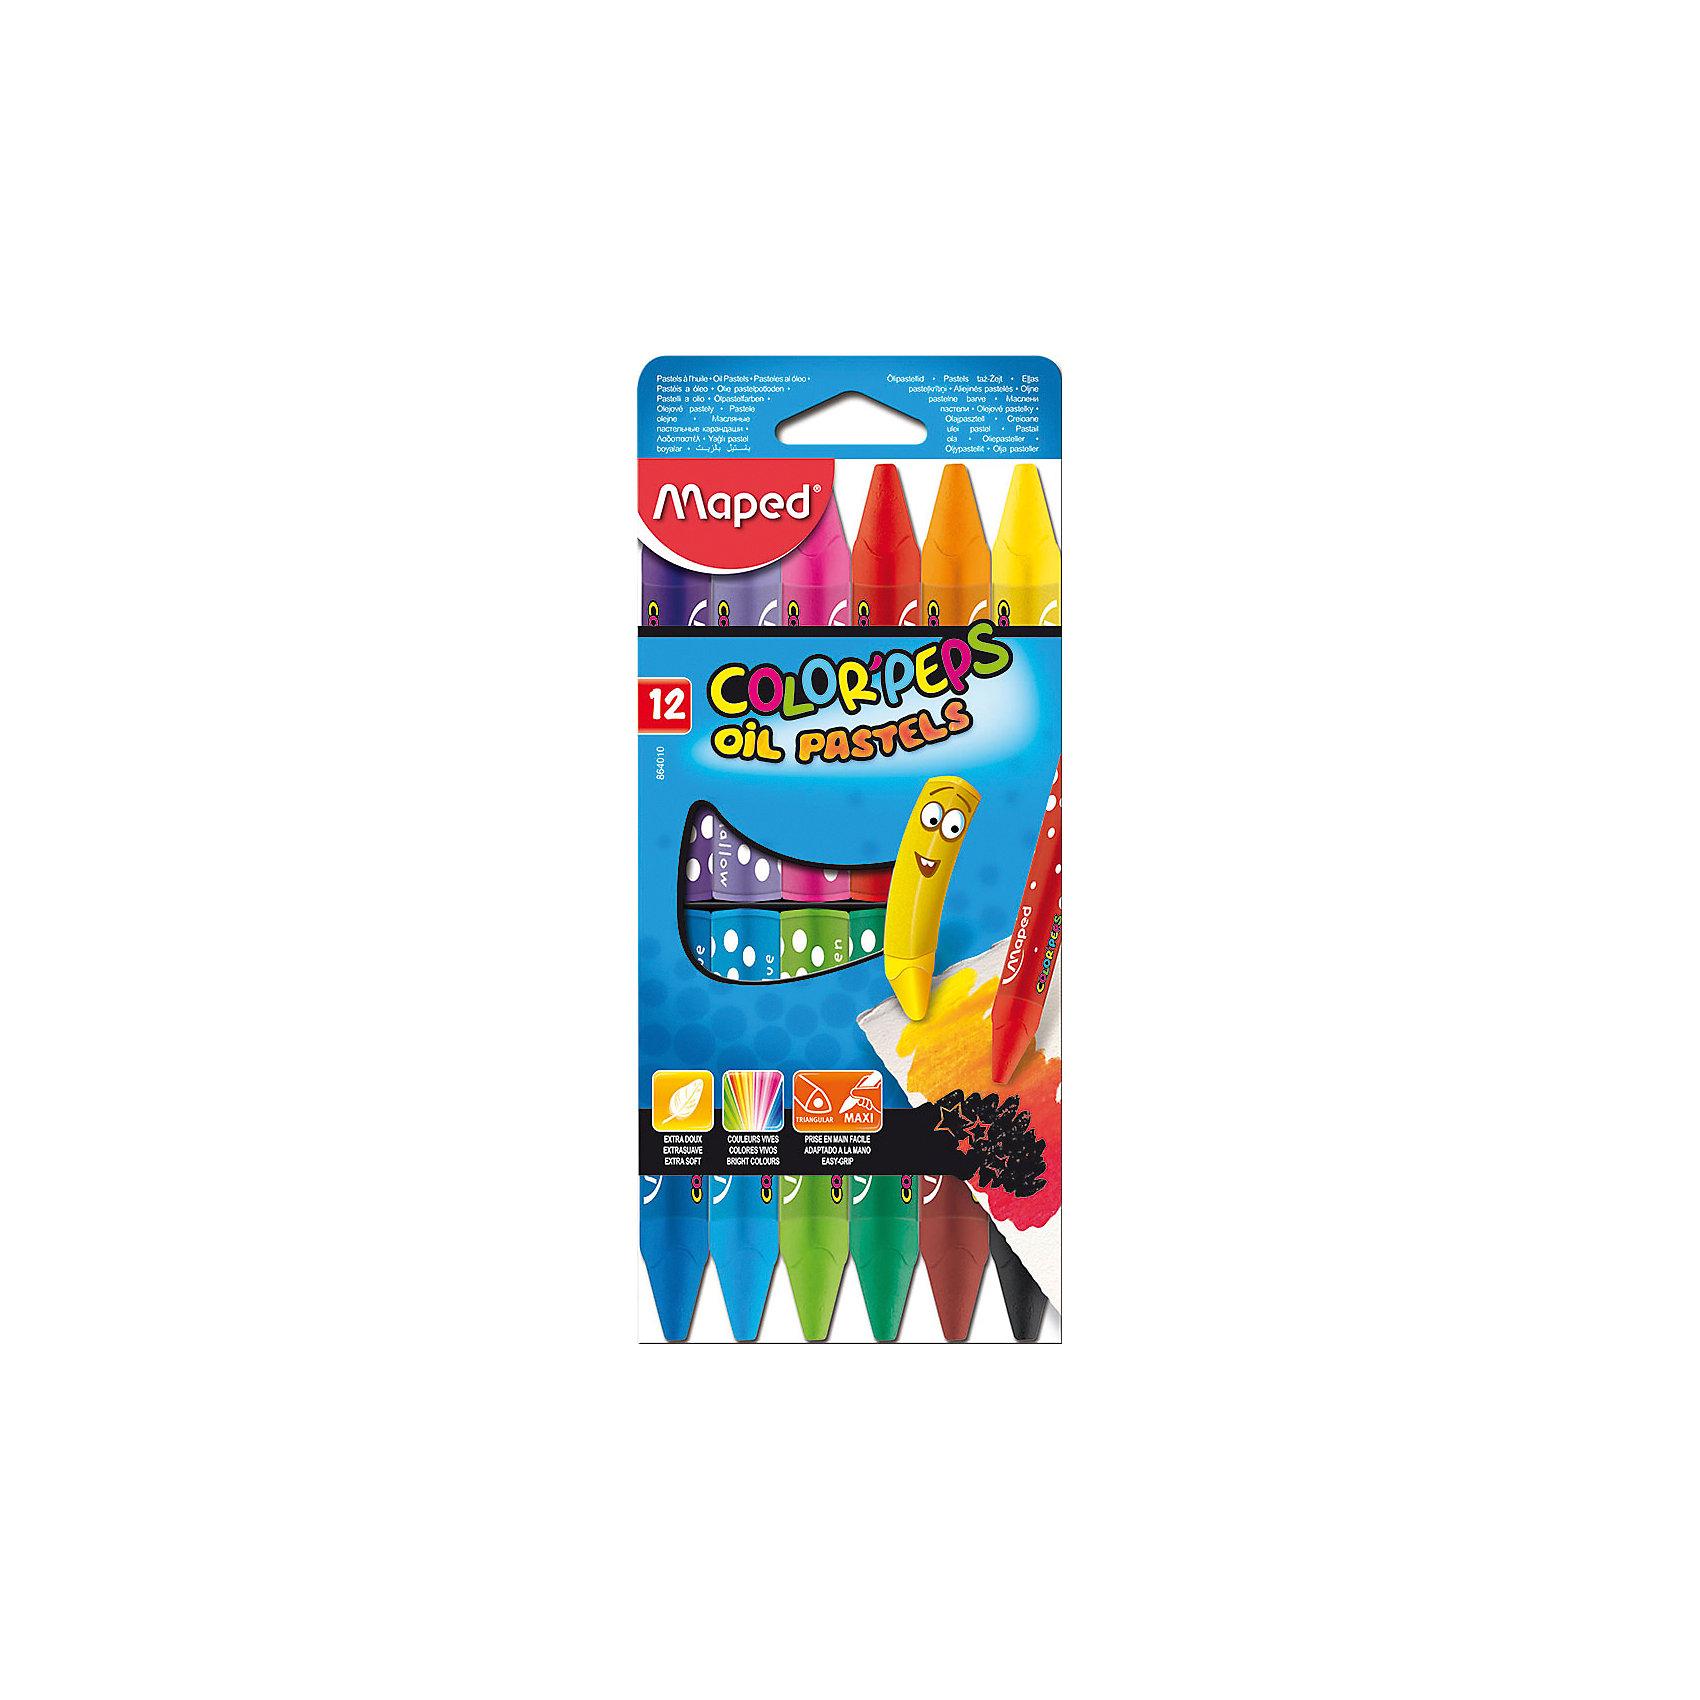 Пастель масляная 12 цветов, MAPEDРисование<br>Пастель масляная Color Peps, треугольный корпус, супер мягкая в картонном футляре. В наборе 12 цветов. Яркие цвета и насыщенное закрашивание. Большой размер Макси для более легкого удерживания в руке. Подходят для самых маленьких. Используется для различных художественных техник: создание набросков, копирование притиранием (раббинг), нахлестыванием (оверлаппинг) и т.д.<br><br>Ширина мм: 210<br>Глубина мм: 90<br>Высота мм: 20<br>Вес г: 391<br>Возраст от месяцев: 36<br>Возраст до месяцев: 2147483647<br>Пол: Унисекс<br>Возраст: Детский<br>SKU: 5530056